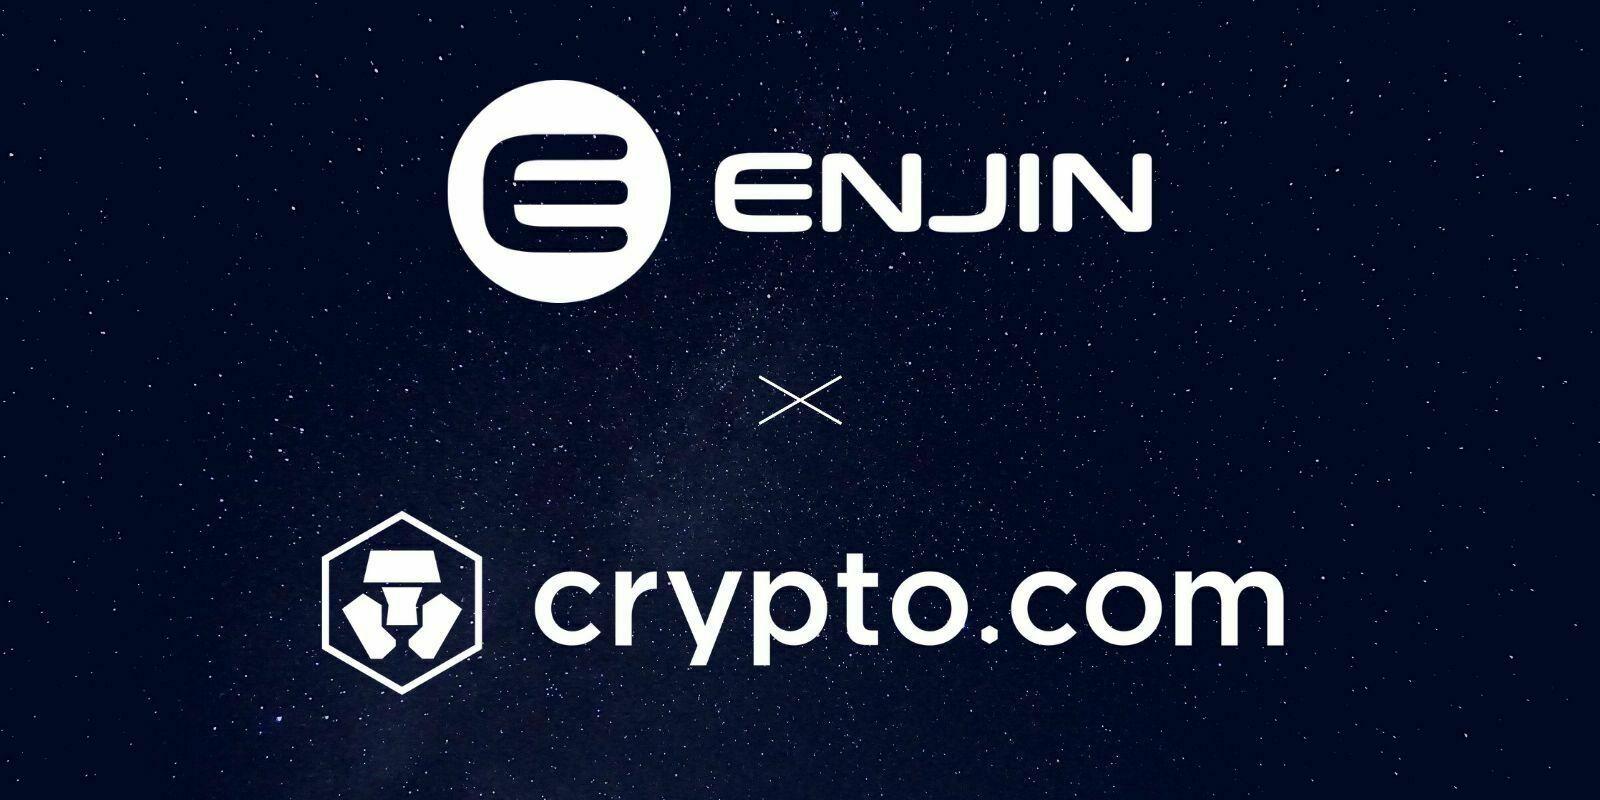 The Syndicate : Crypto.com organise une vente d'Enjin (ENJ) à moitié prix